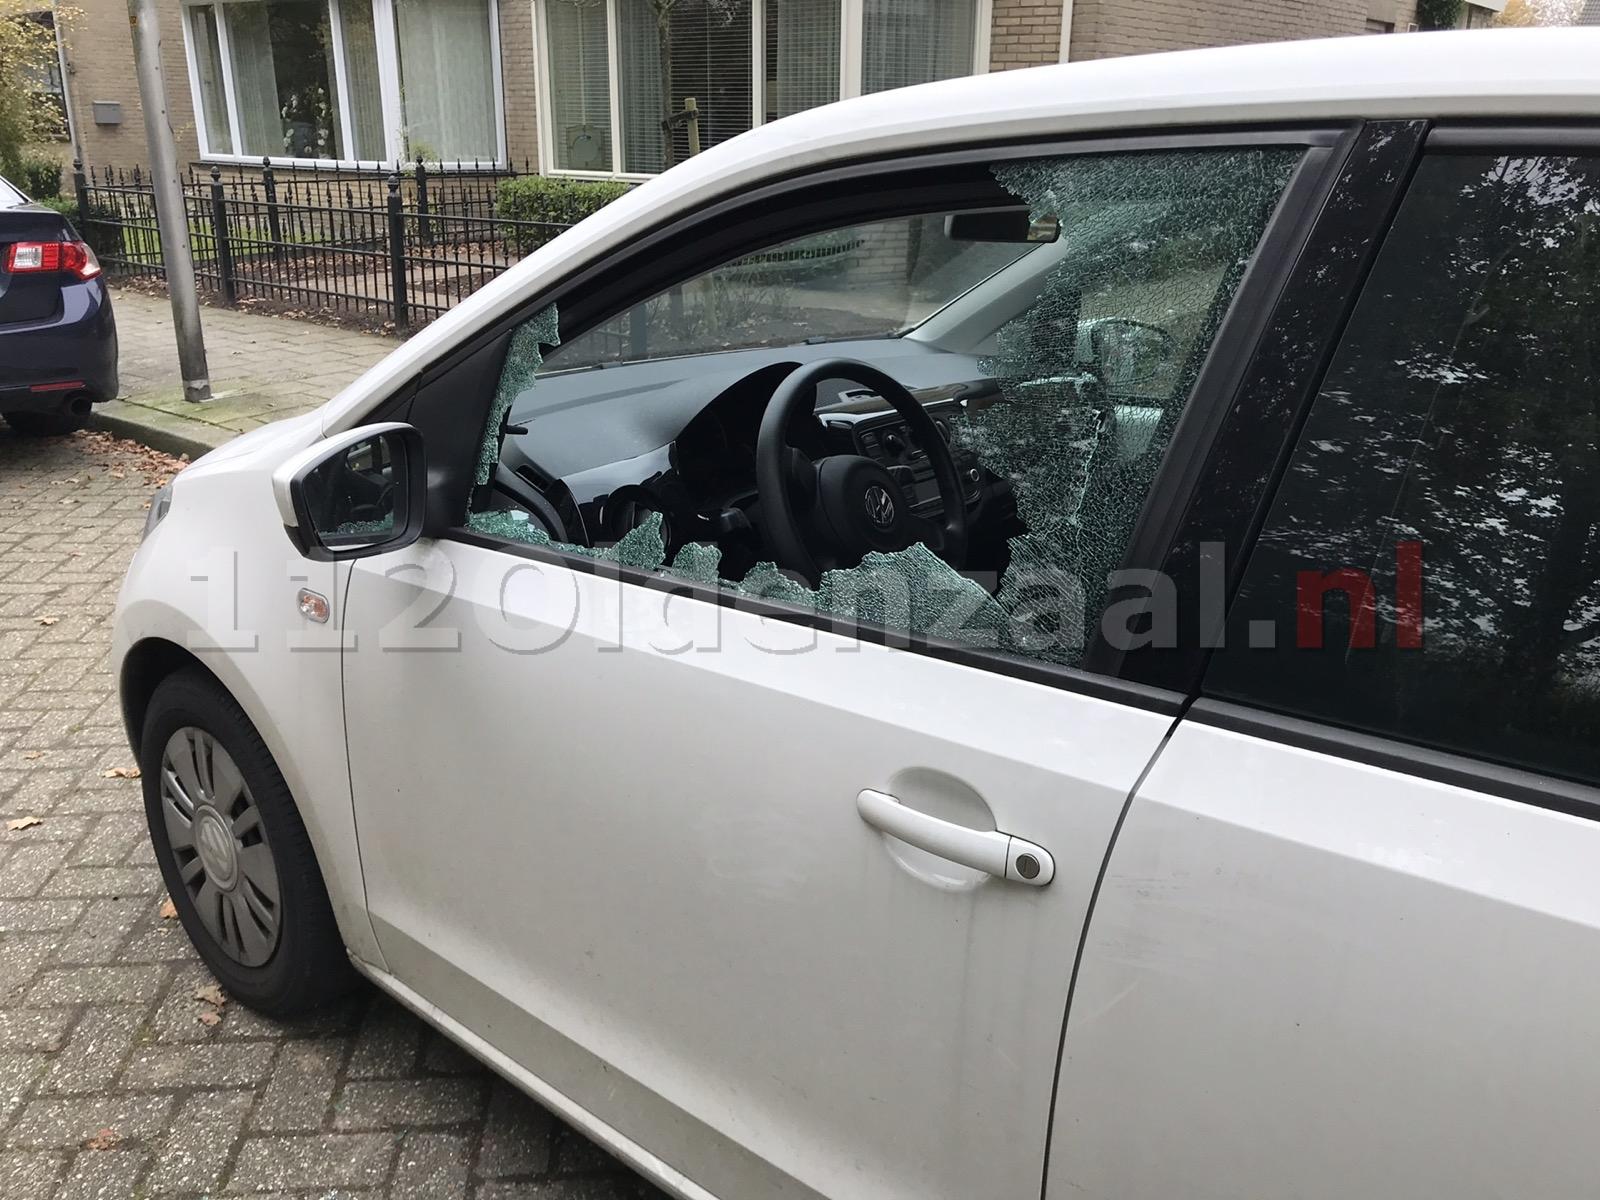 Inbraak in vijf auto's op de Thij in Oldenzaal